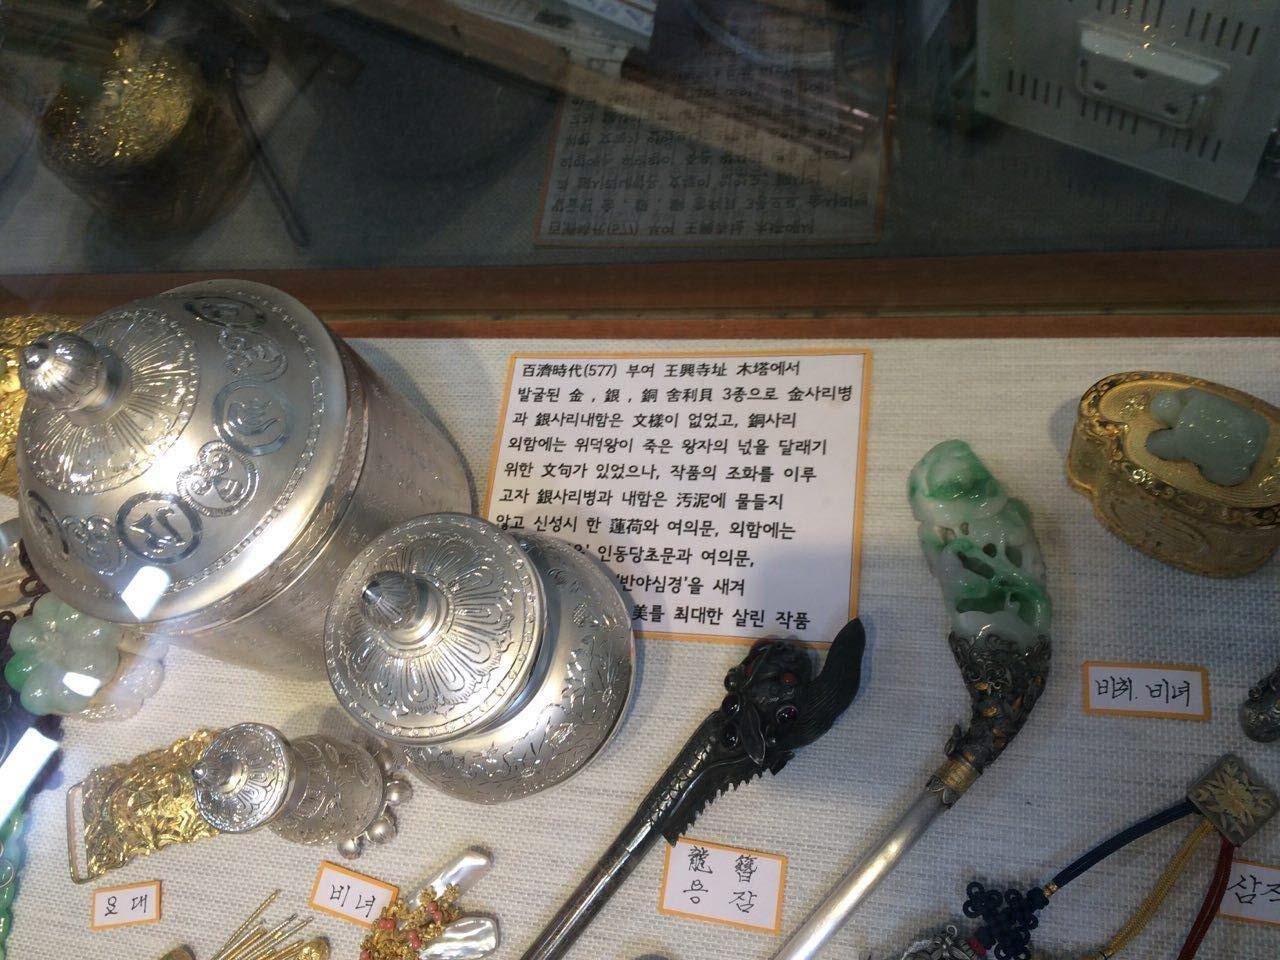 작업실에 전시되어 있는 사리함과 사리병등 전통공예 작품